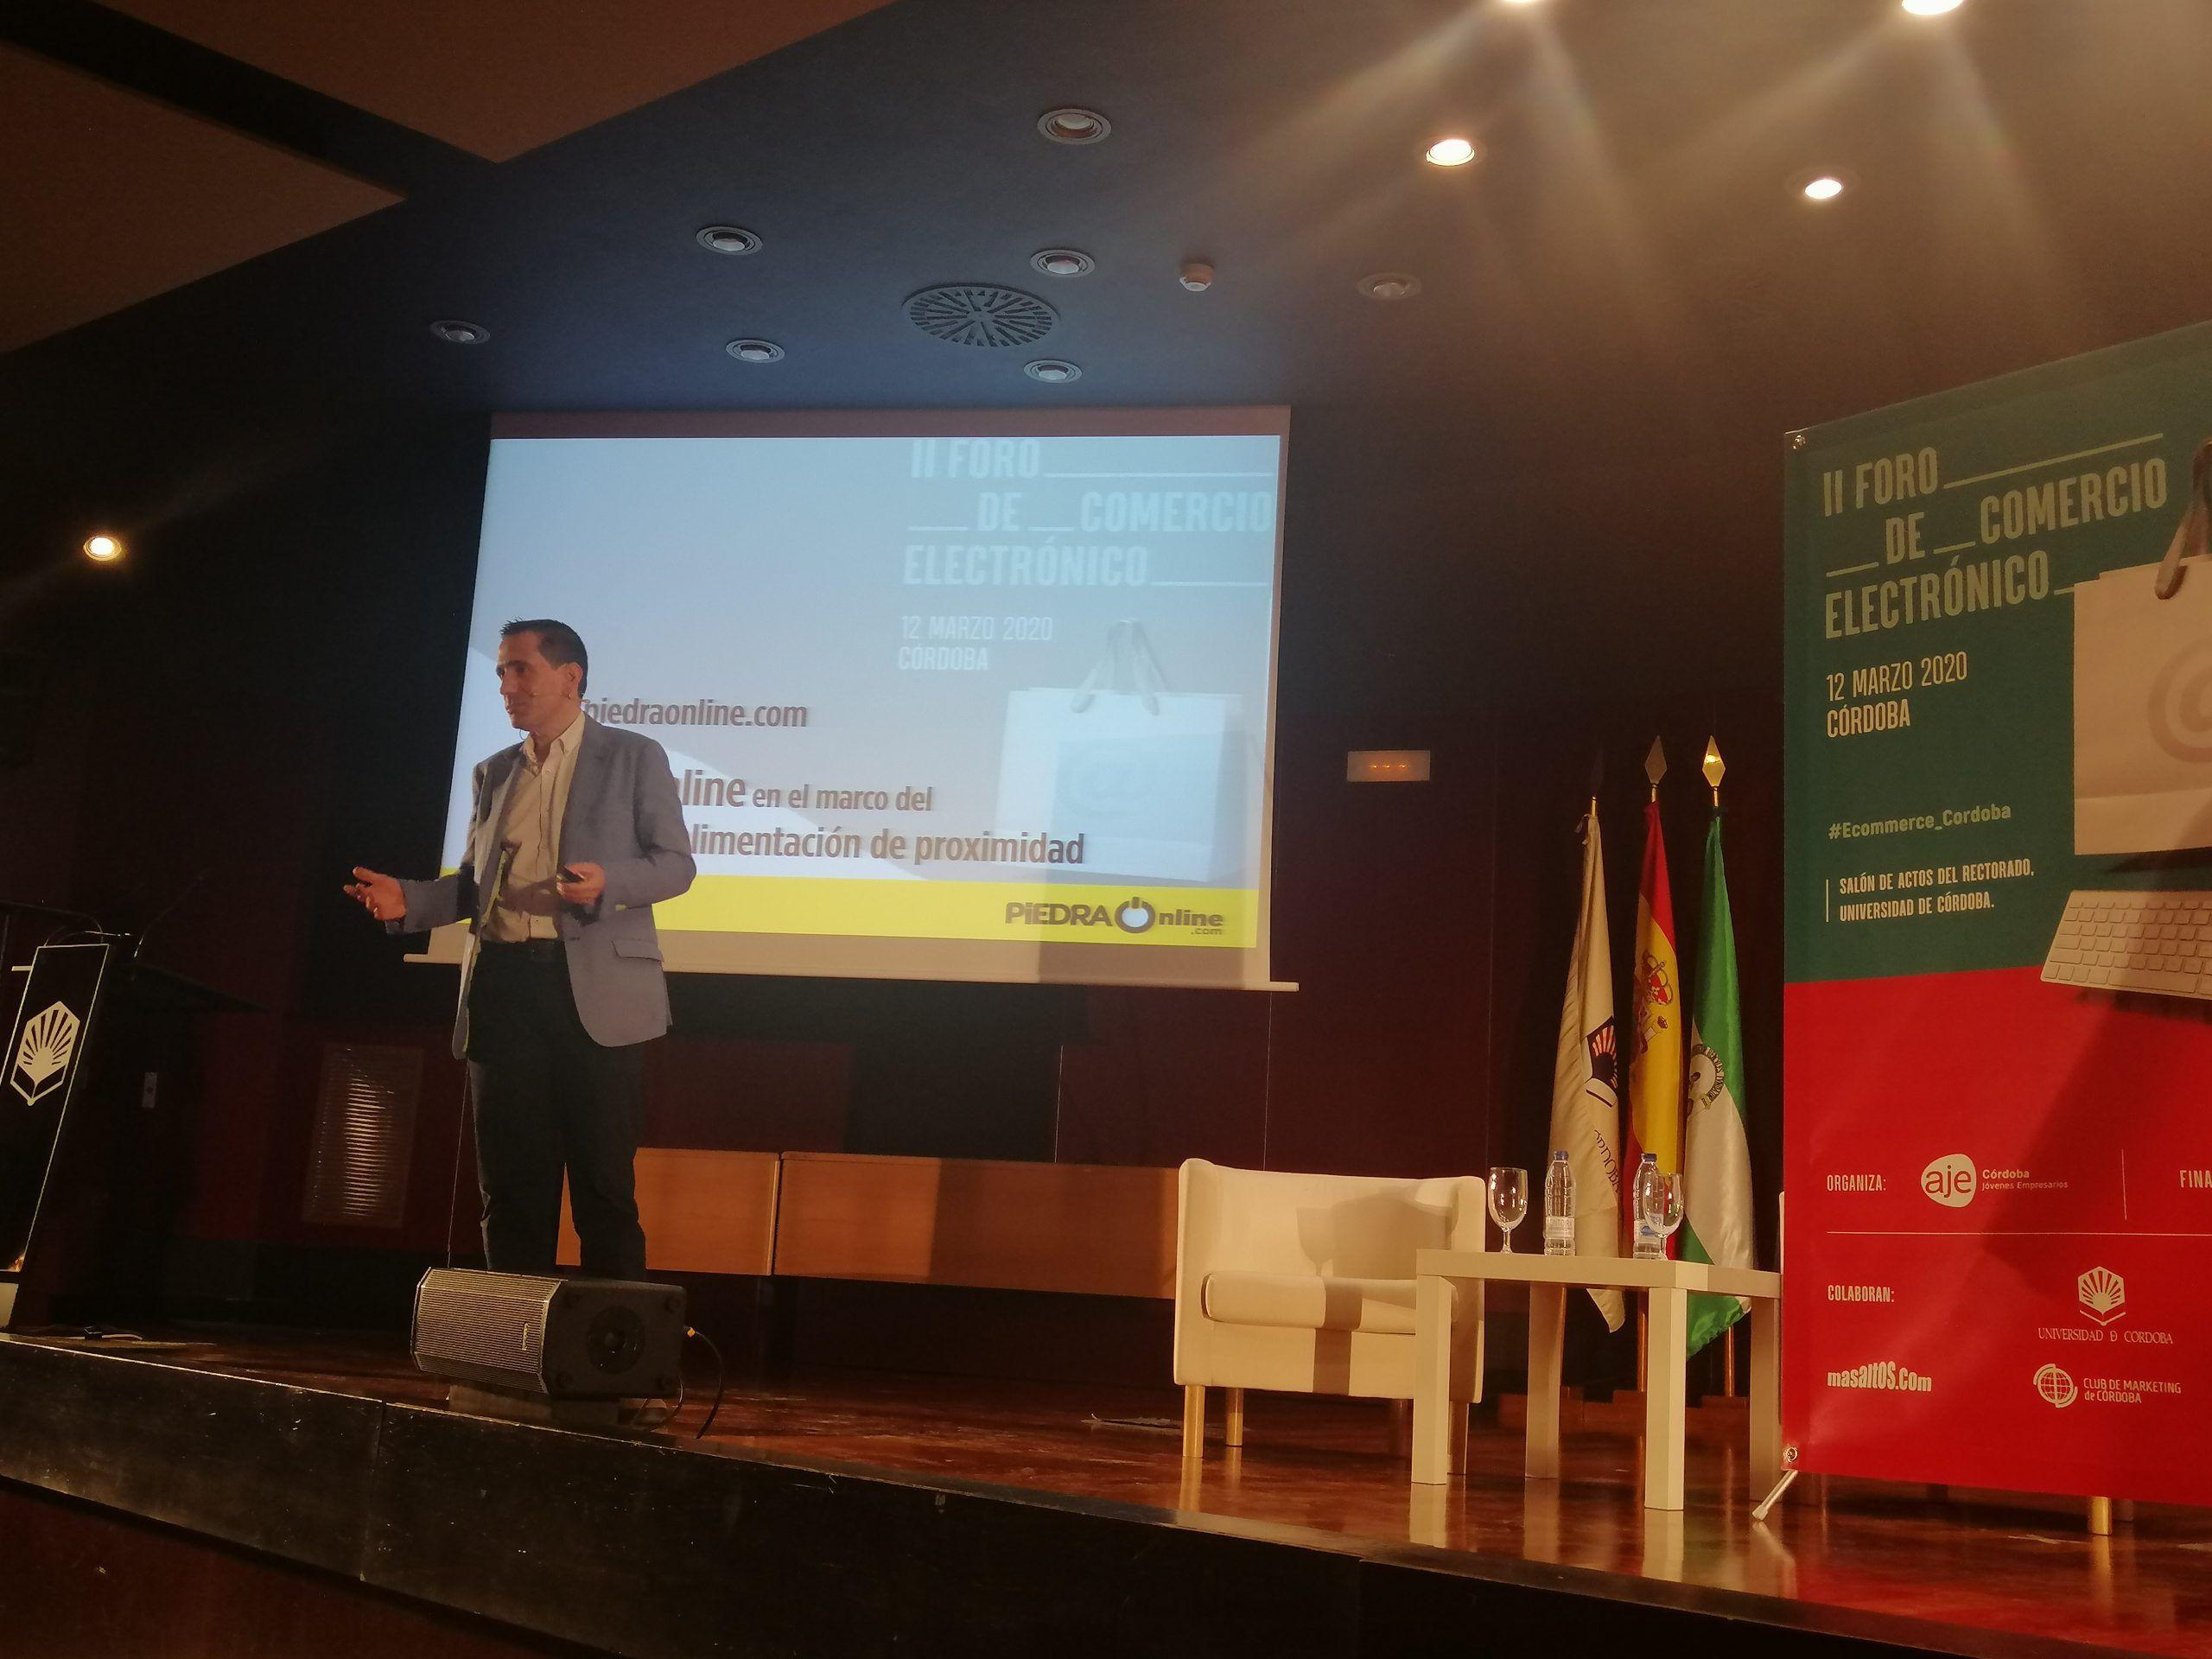 piedraonline.com en el II Foro de comercio electrónico de Córdoba